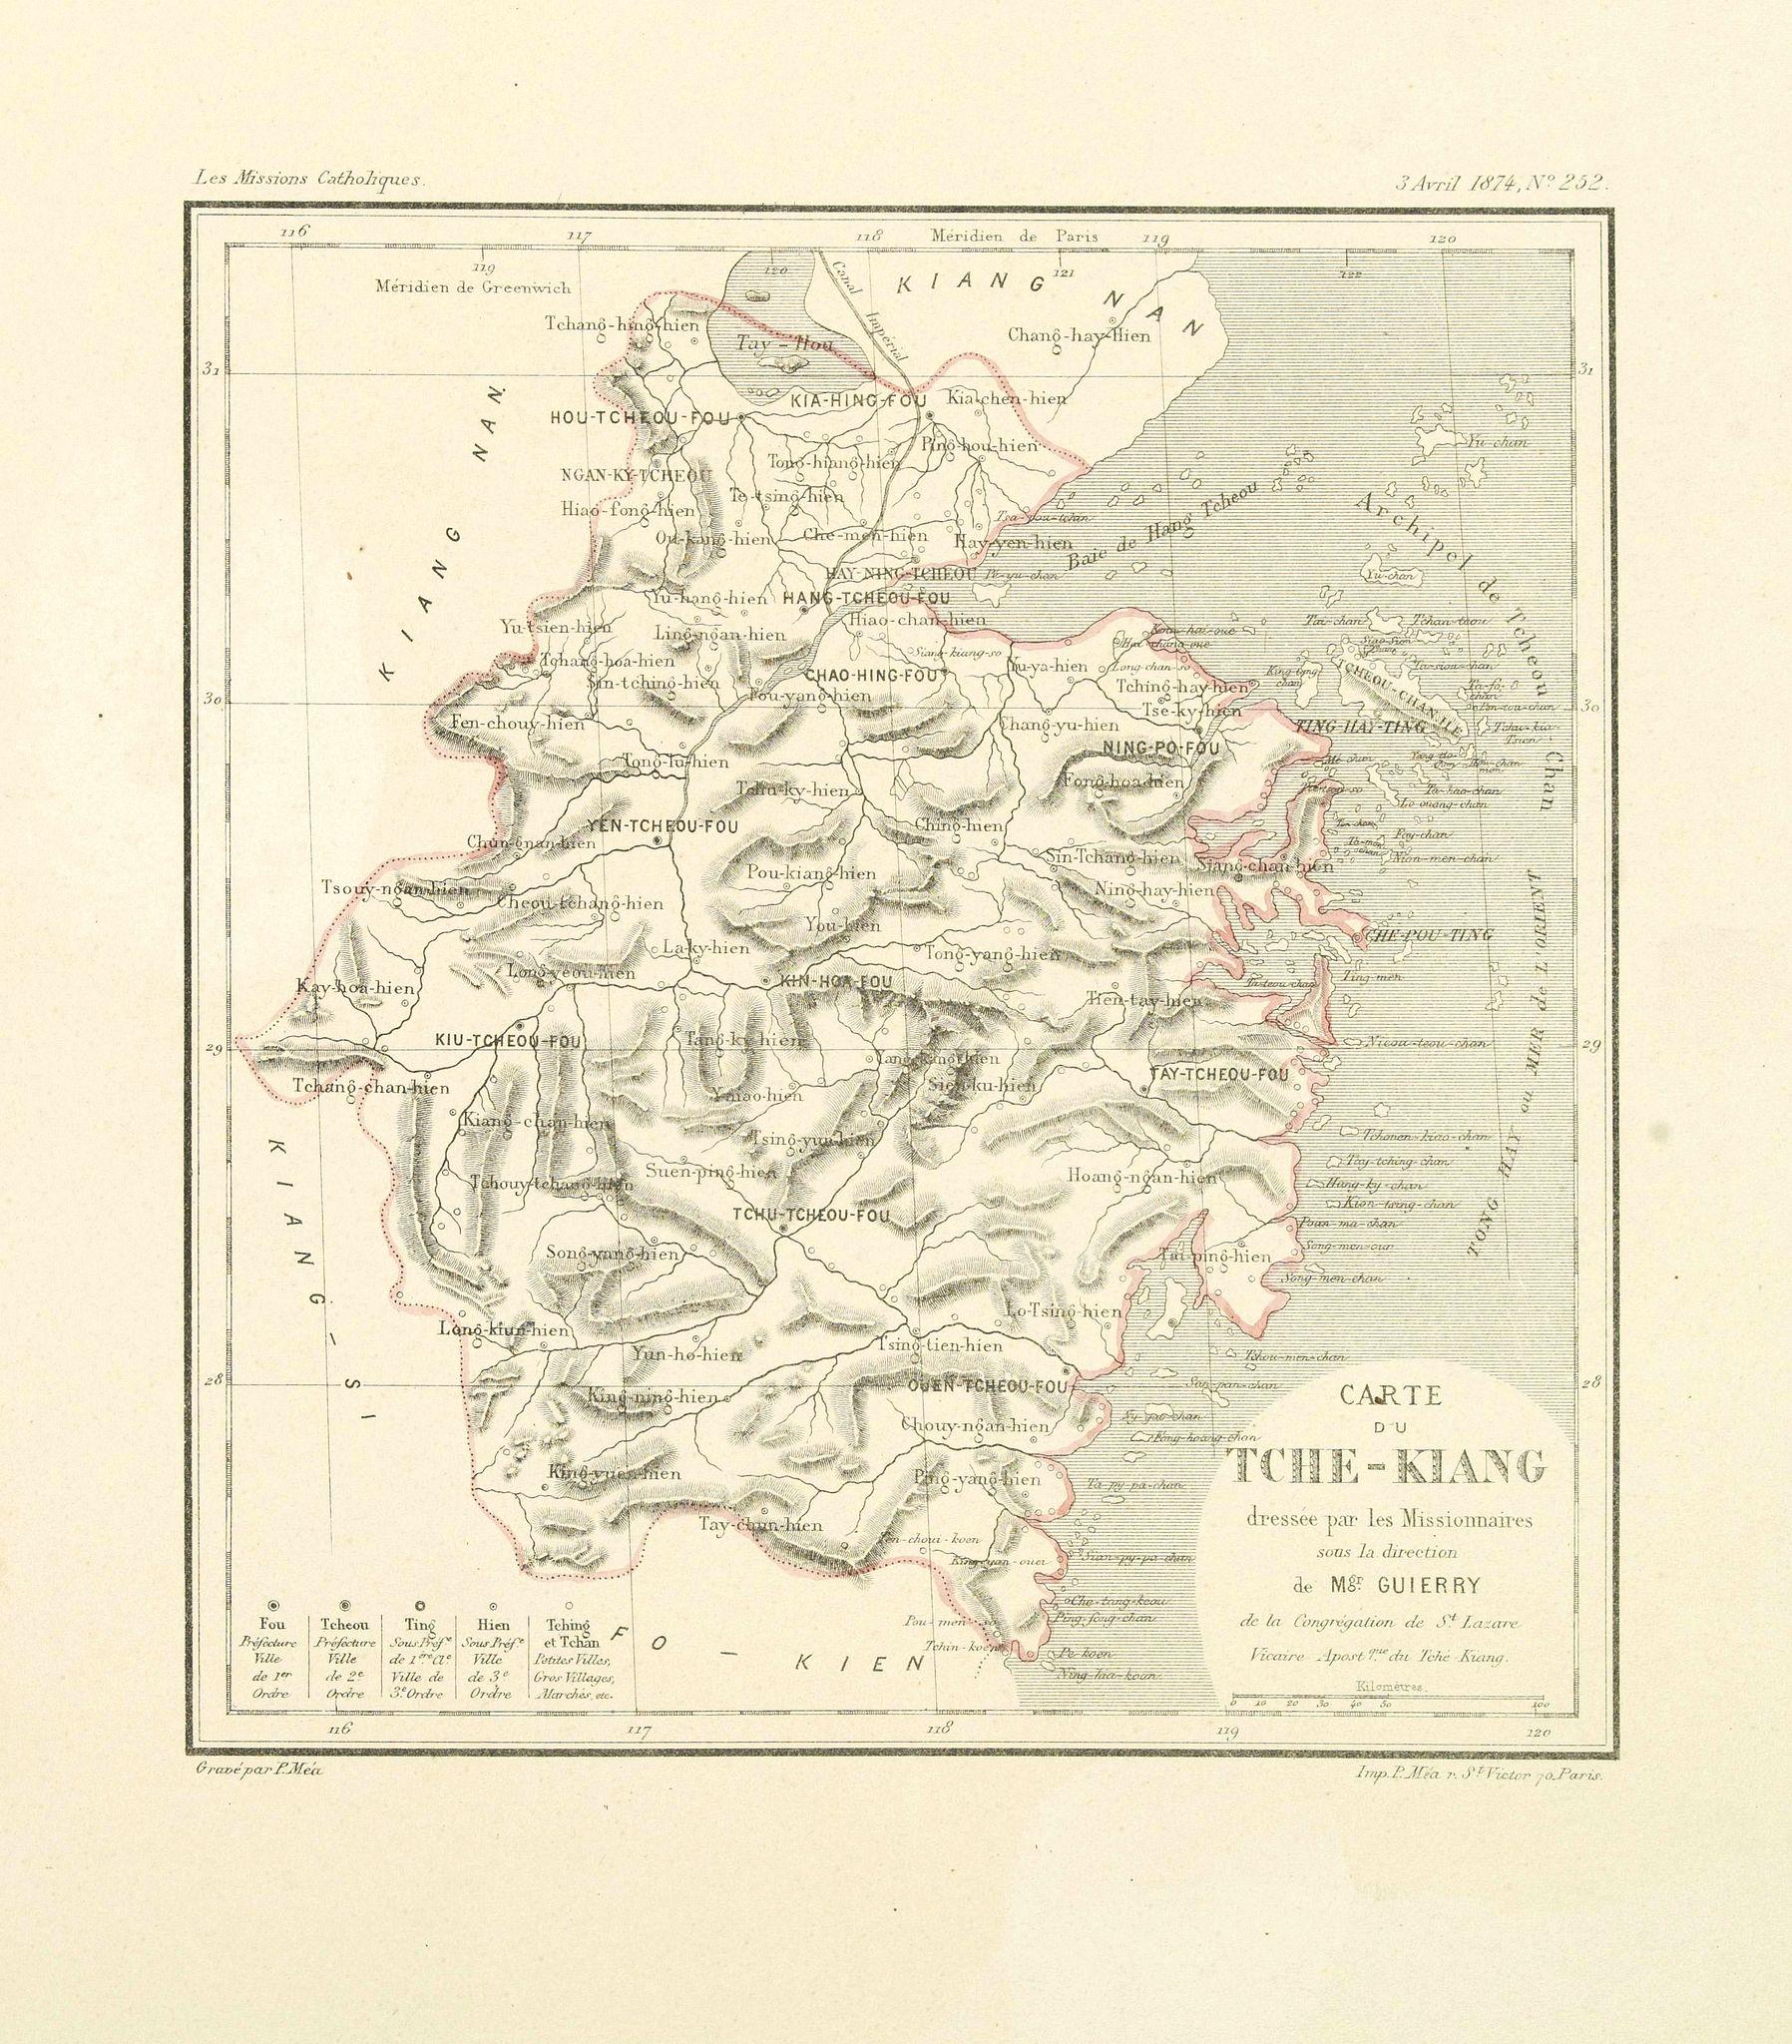 GUIERRY, Mgr. -  Carte du Tche-Kiang. [ Zhejiang province ]